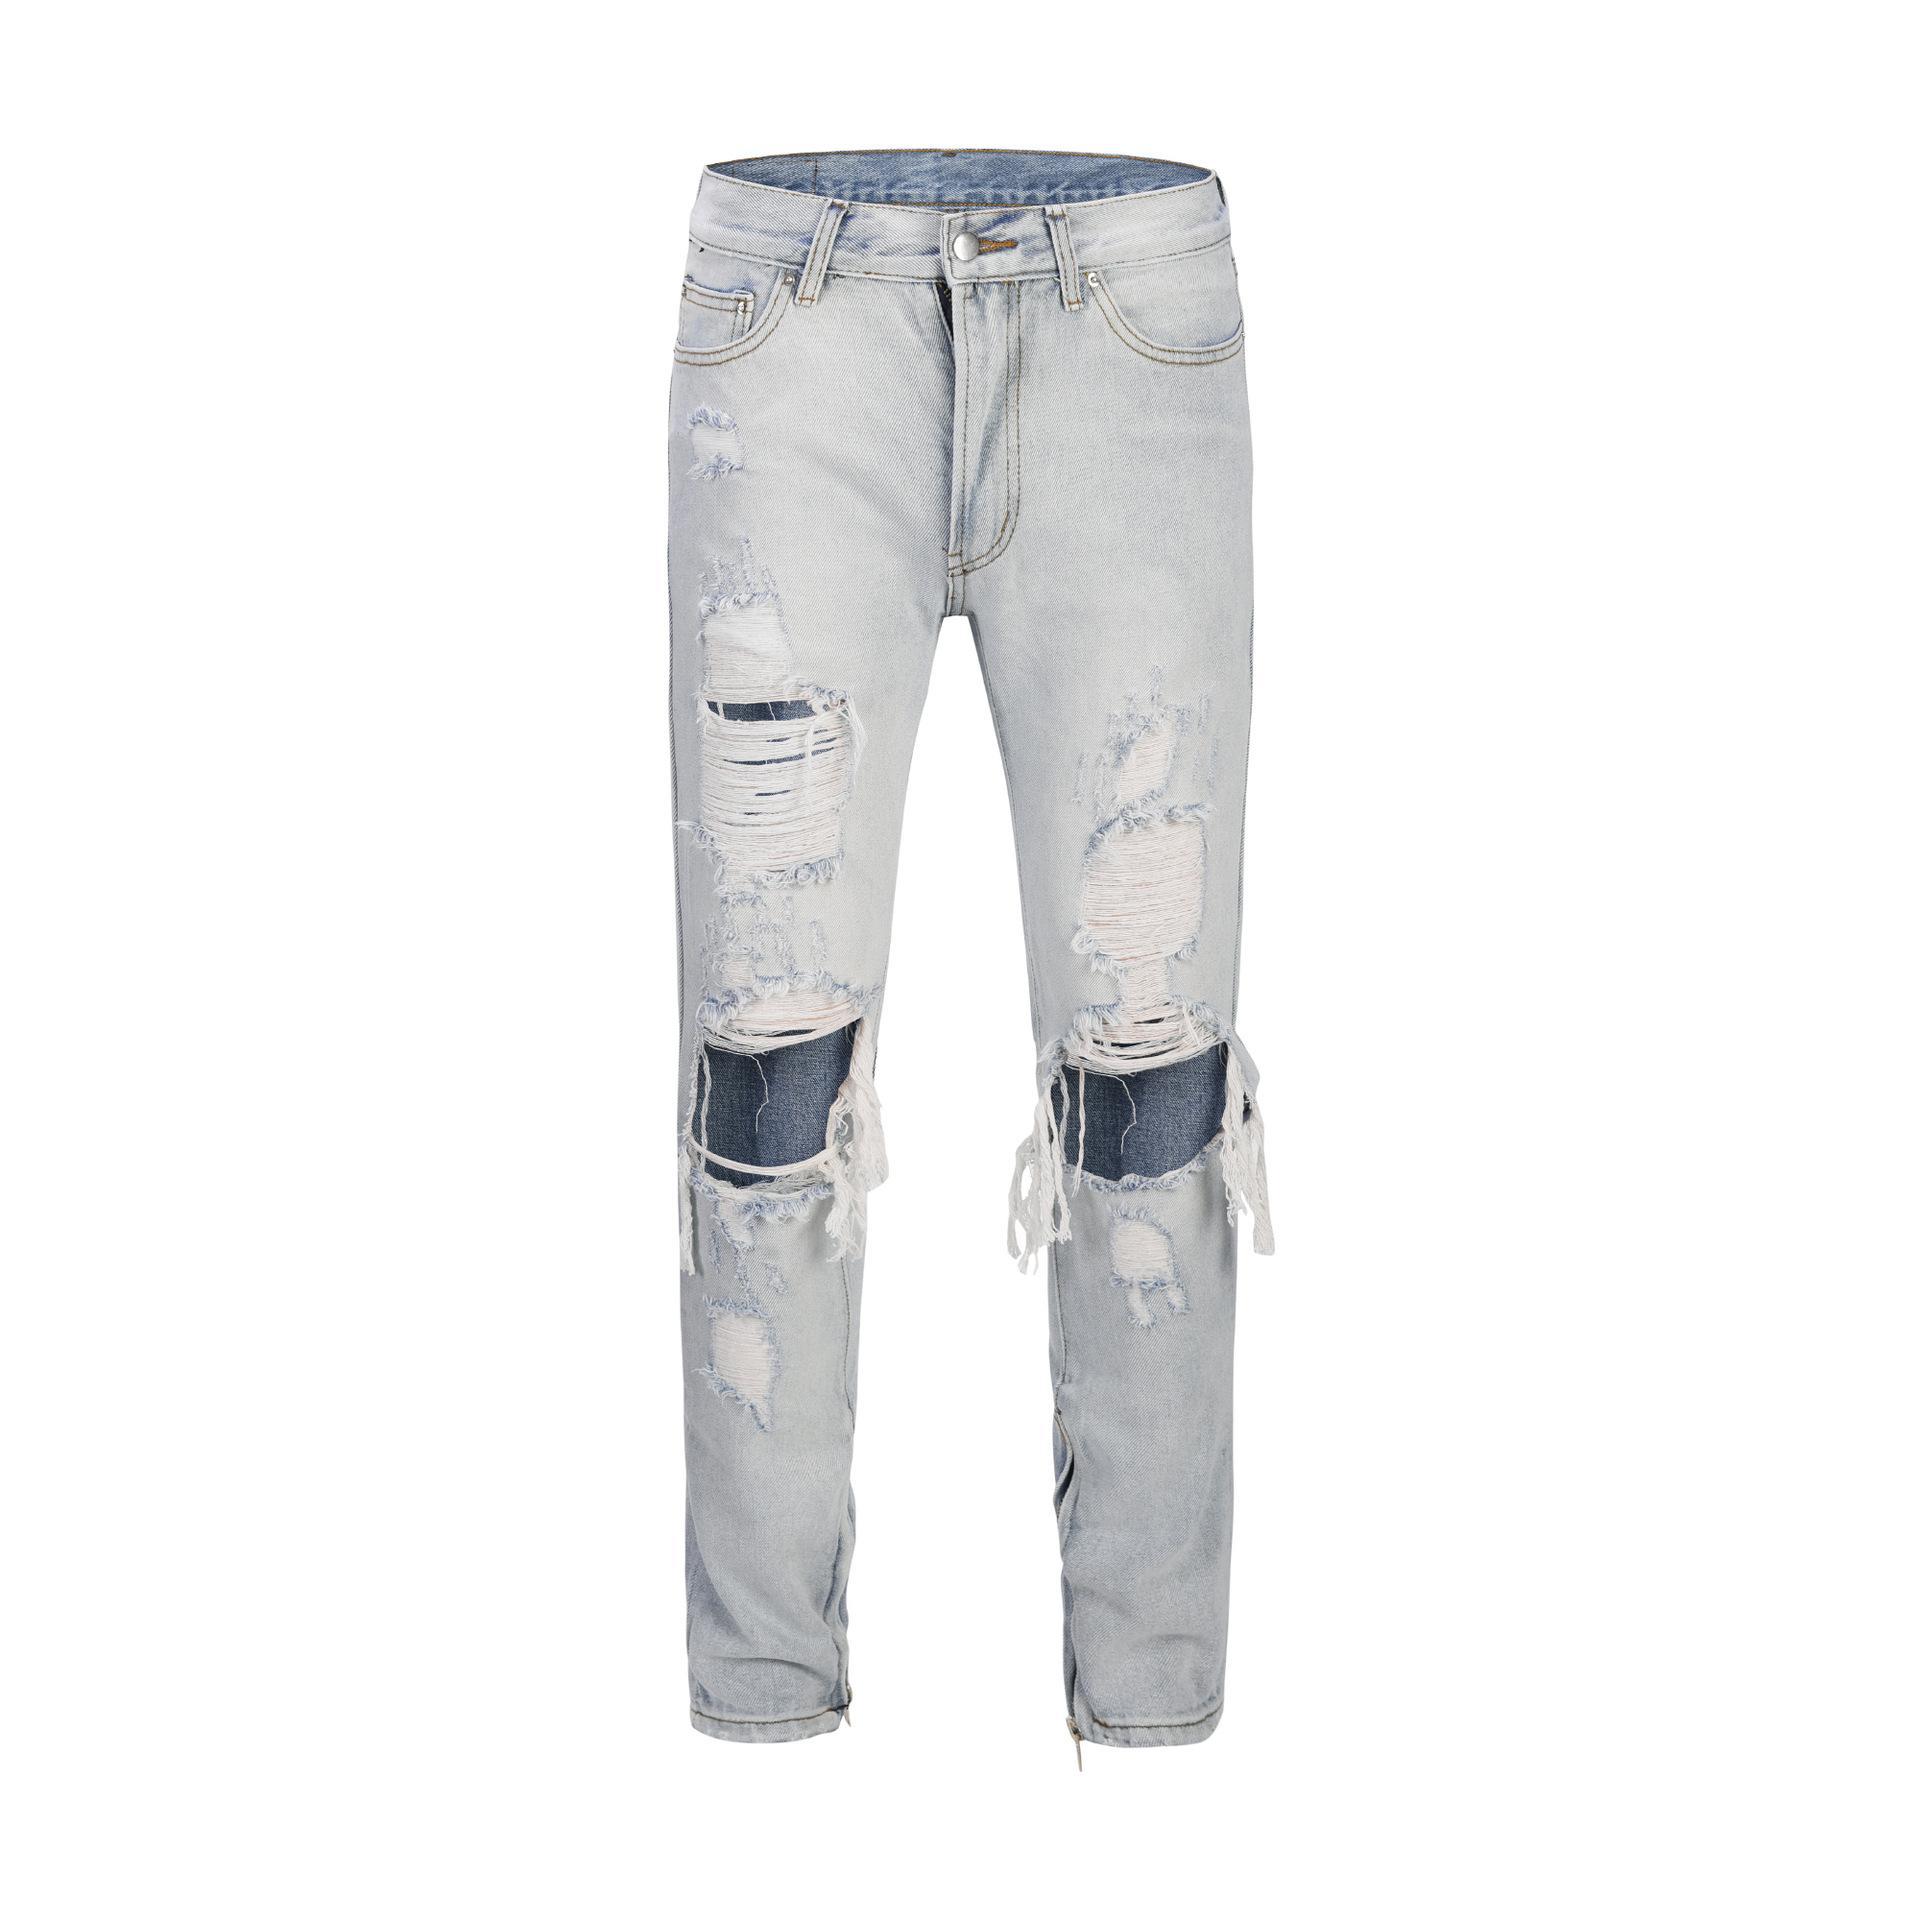 Sıska Açık Mavi Erkek Jeans Yüksek Moda Tasarımı Slim Fit Homme Ripped Jeans Açılış Fermuar Delik Kot Pantolon Broken Yıkanmış